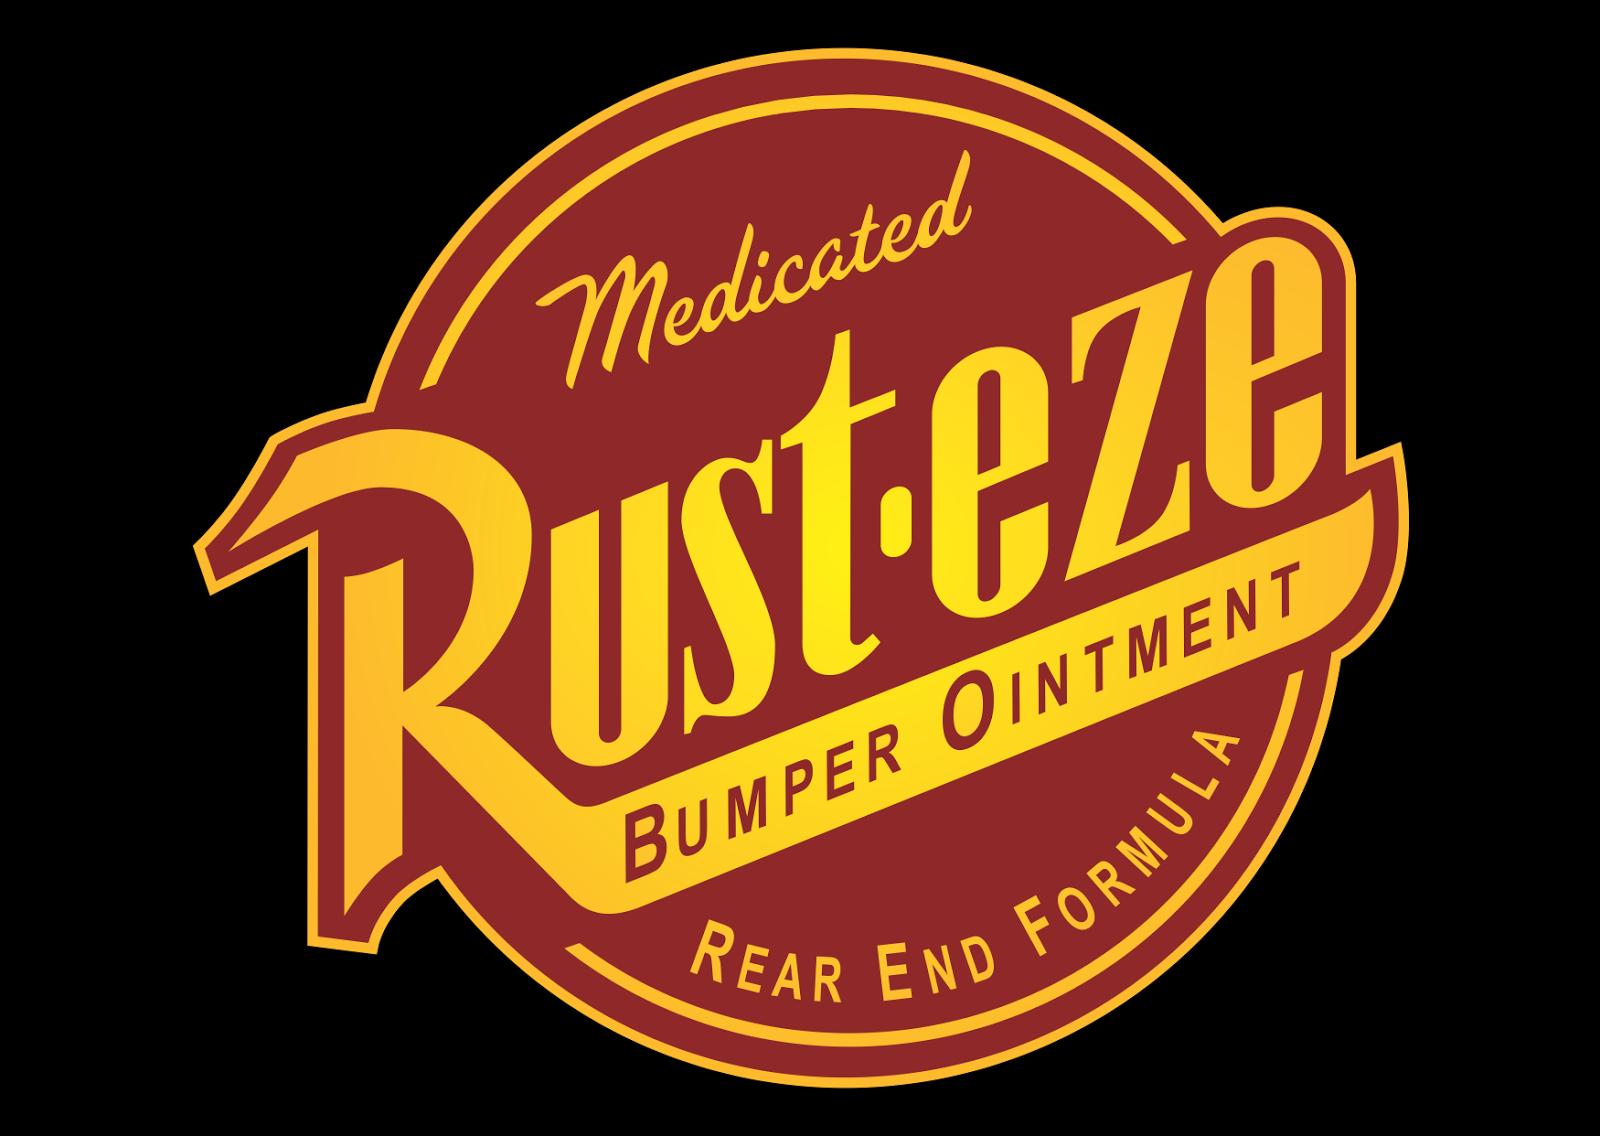 Rust-eze Racing